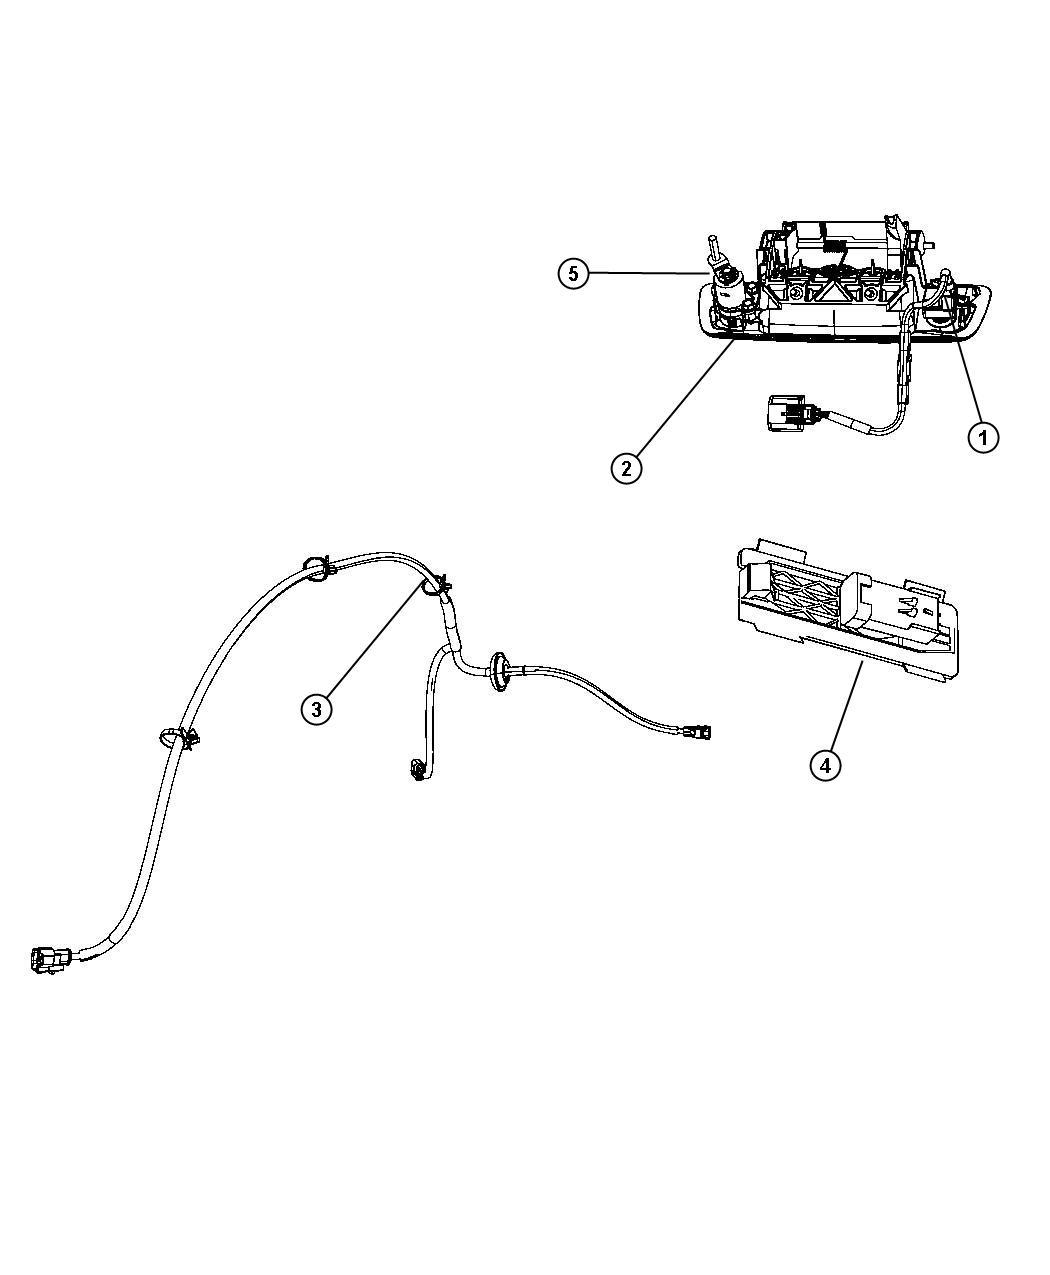 2012 Dodge Ram 1500 Wiring, wiring kit. Tailgate, tailgate